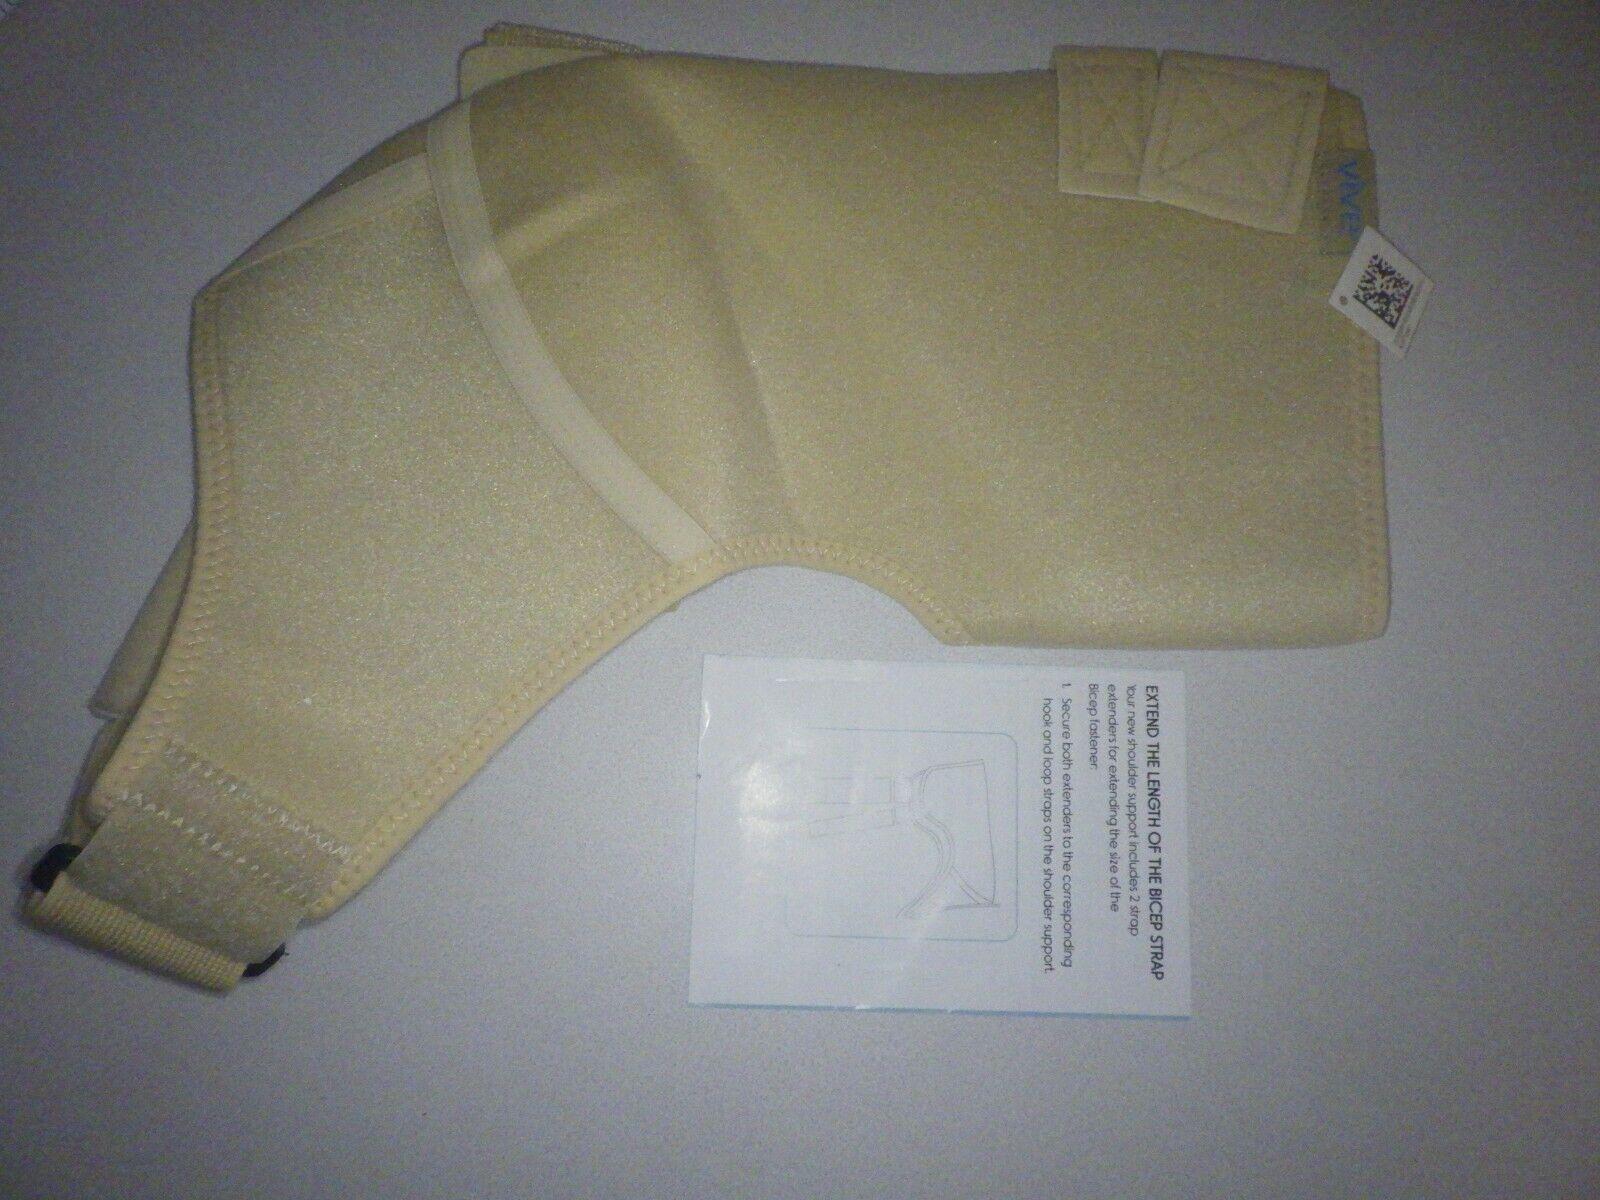 Vive Shoulder Brace - Rotator Cuff Compression Support - Men